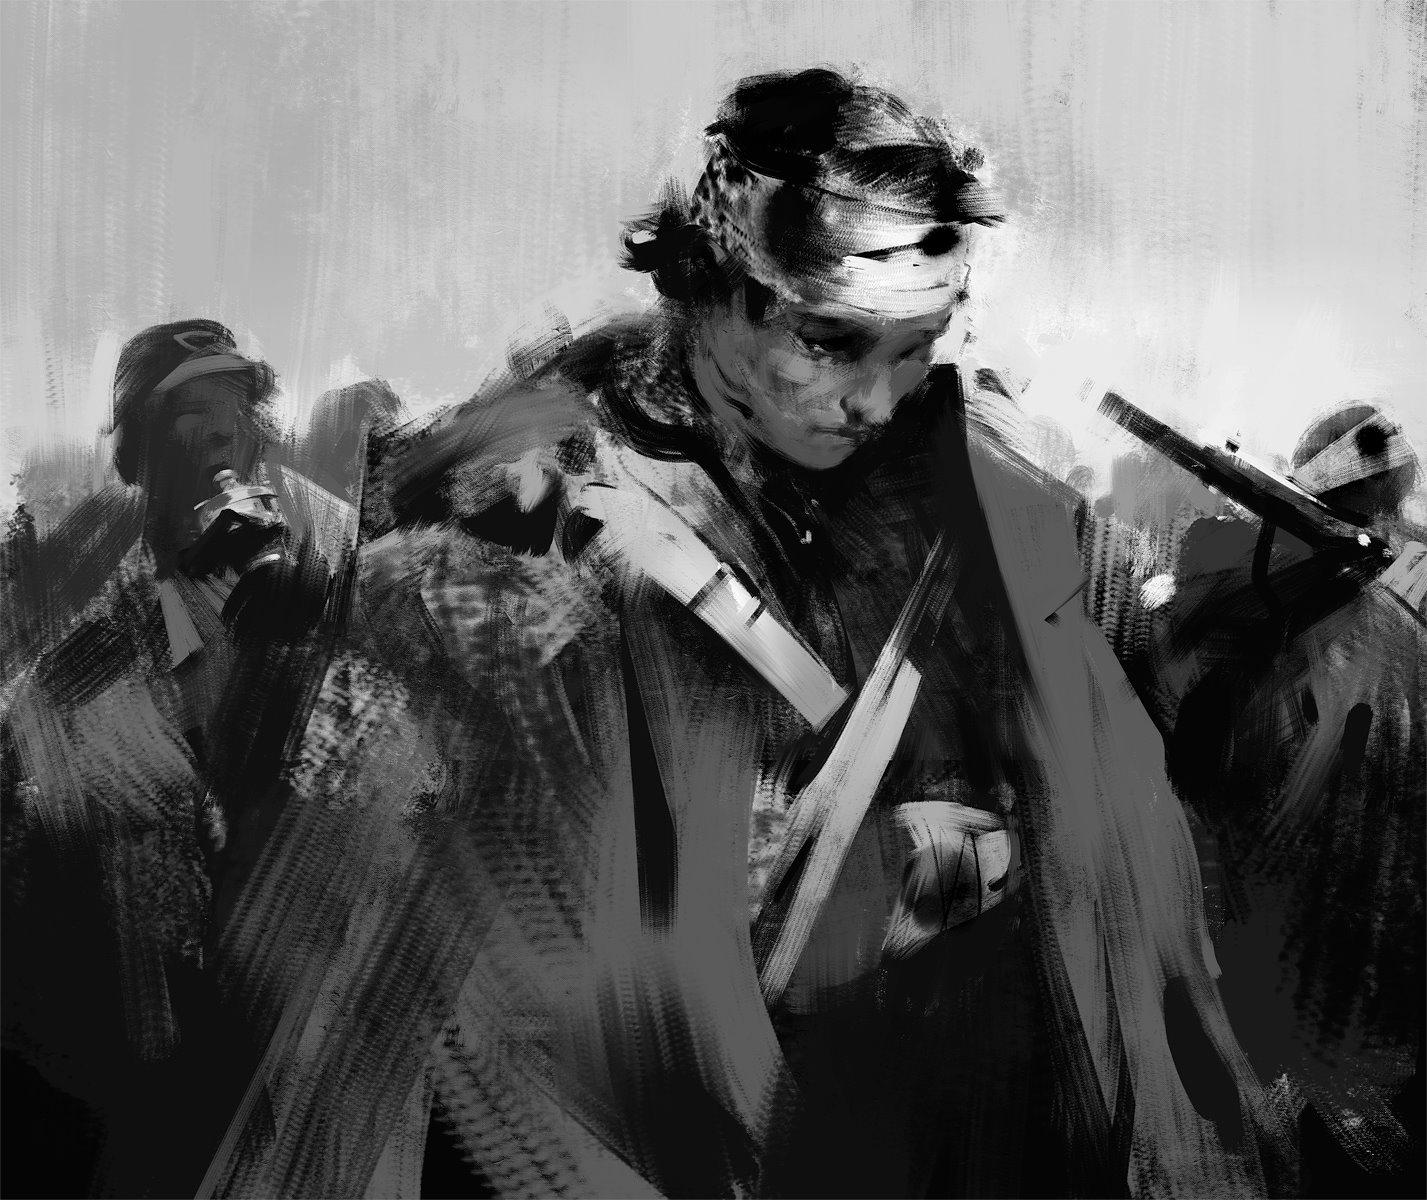 Battle survivors by jamajurabaev